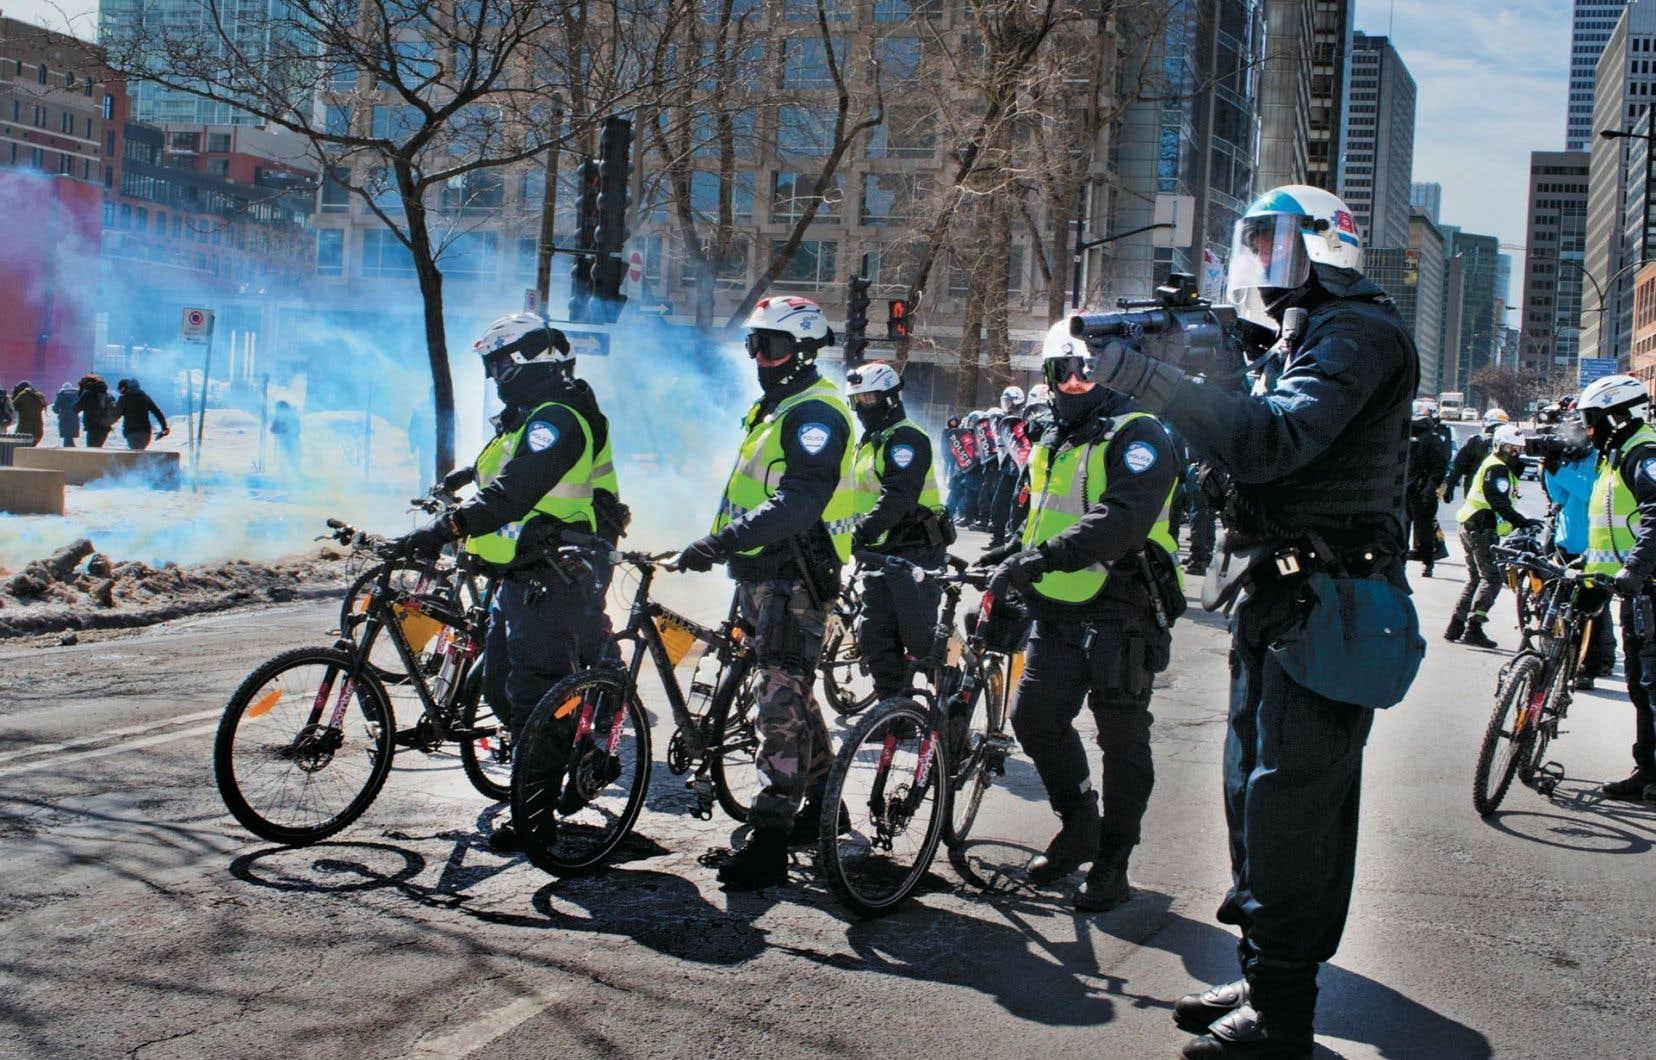 C'est à Montréal que le climat a été le plus «chaud», alors qu'une manifestation a été déclarée illégale d'emblée puisque les organisateurs n'avaient pas fourni d'itinéraire au service de police de la métropole.